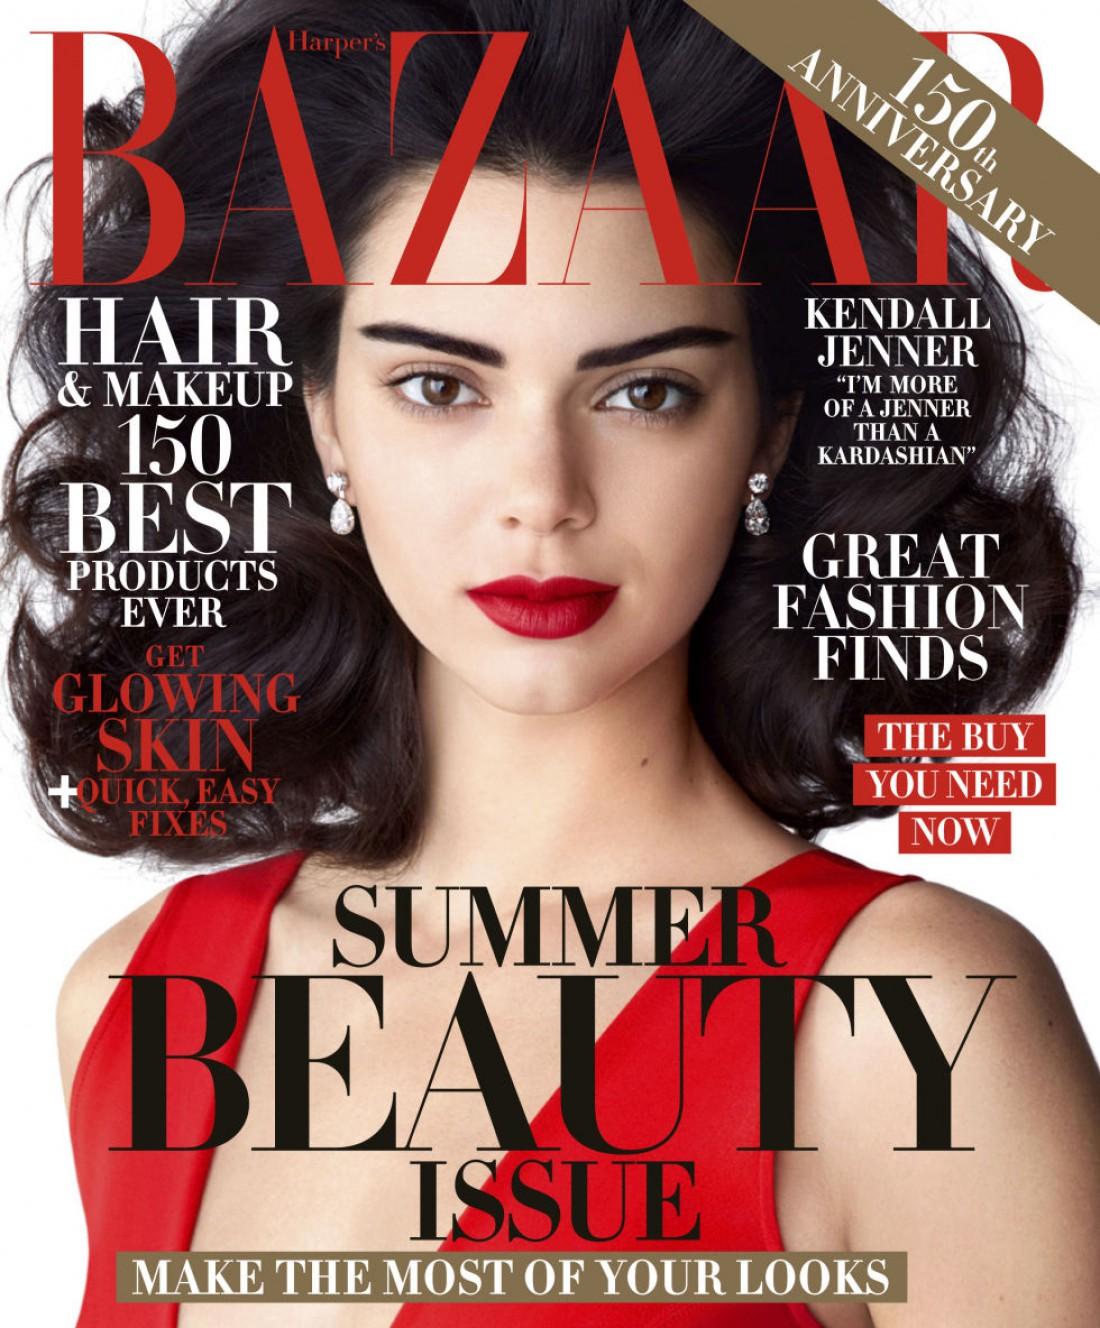 Обложка Harper's Bazaar с Кендалл Дженнер